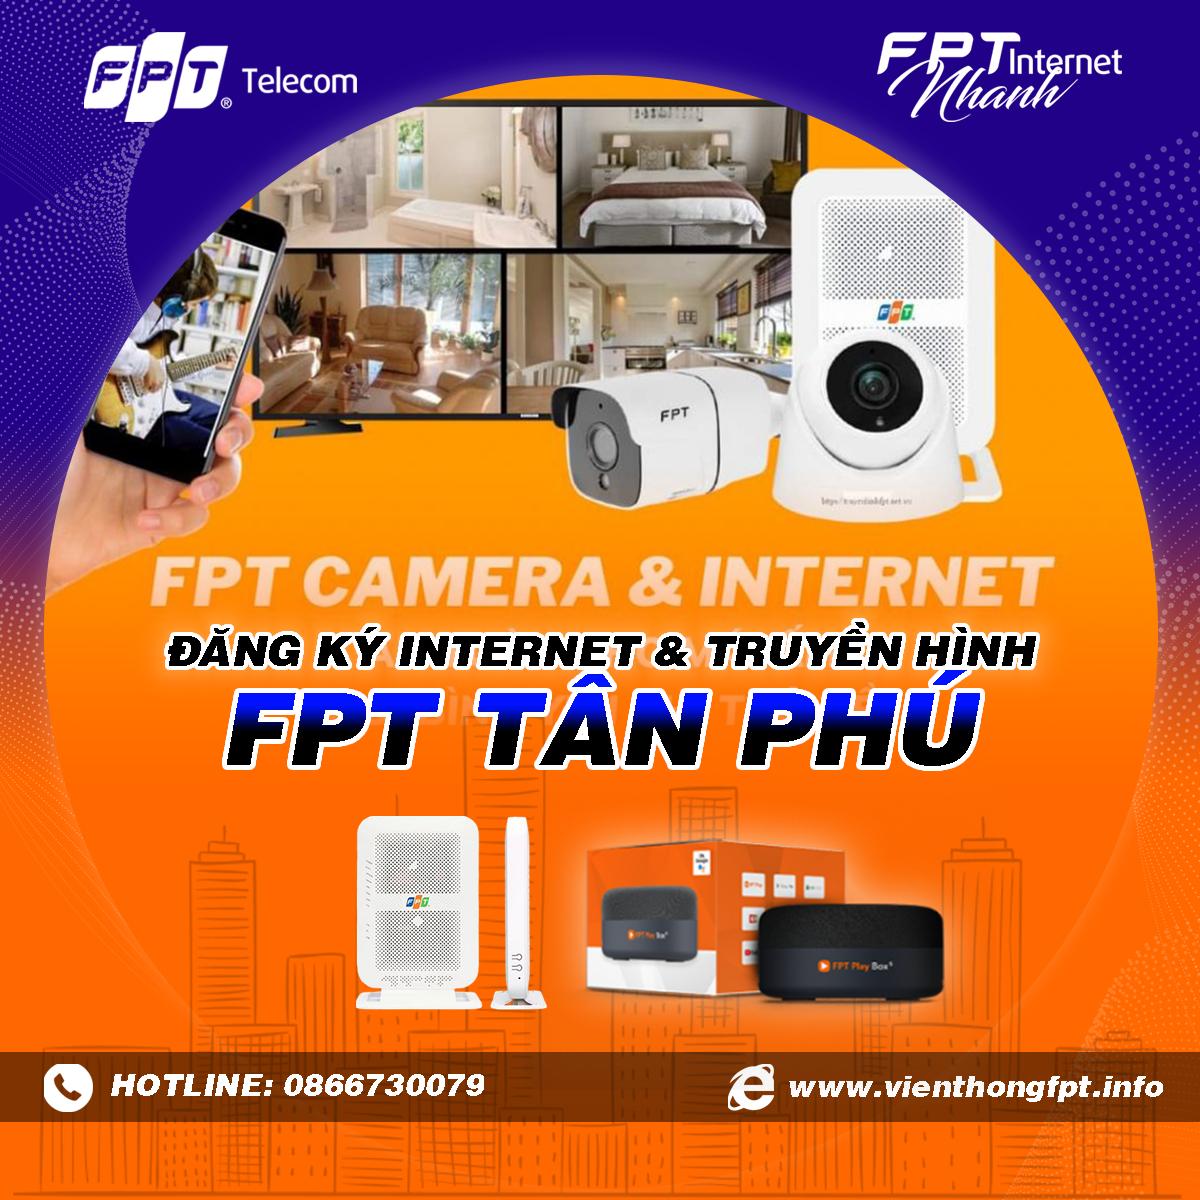 Tổng đài FPT Tân Phú - Đăng ký Internet và Truyền hình FPT